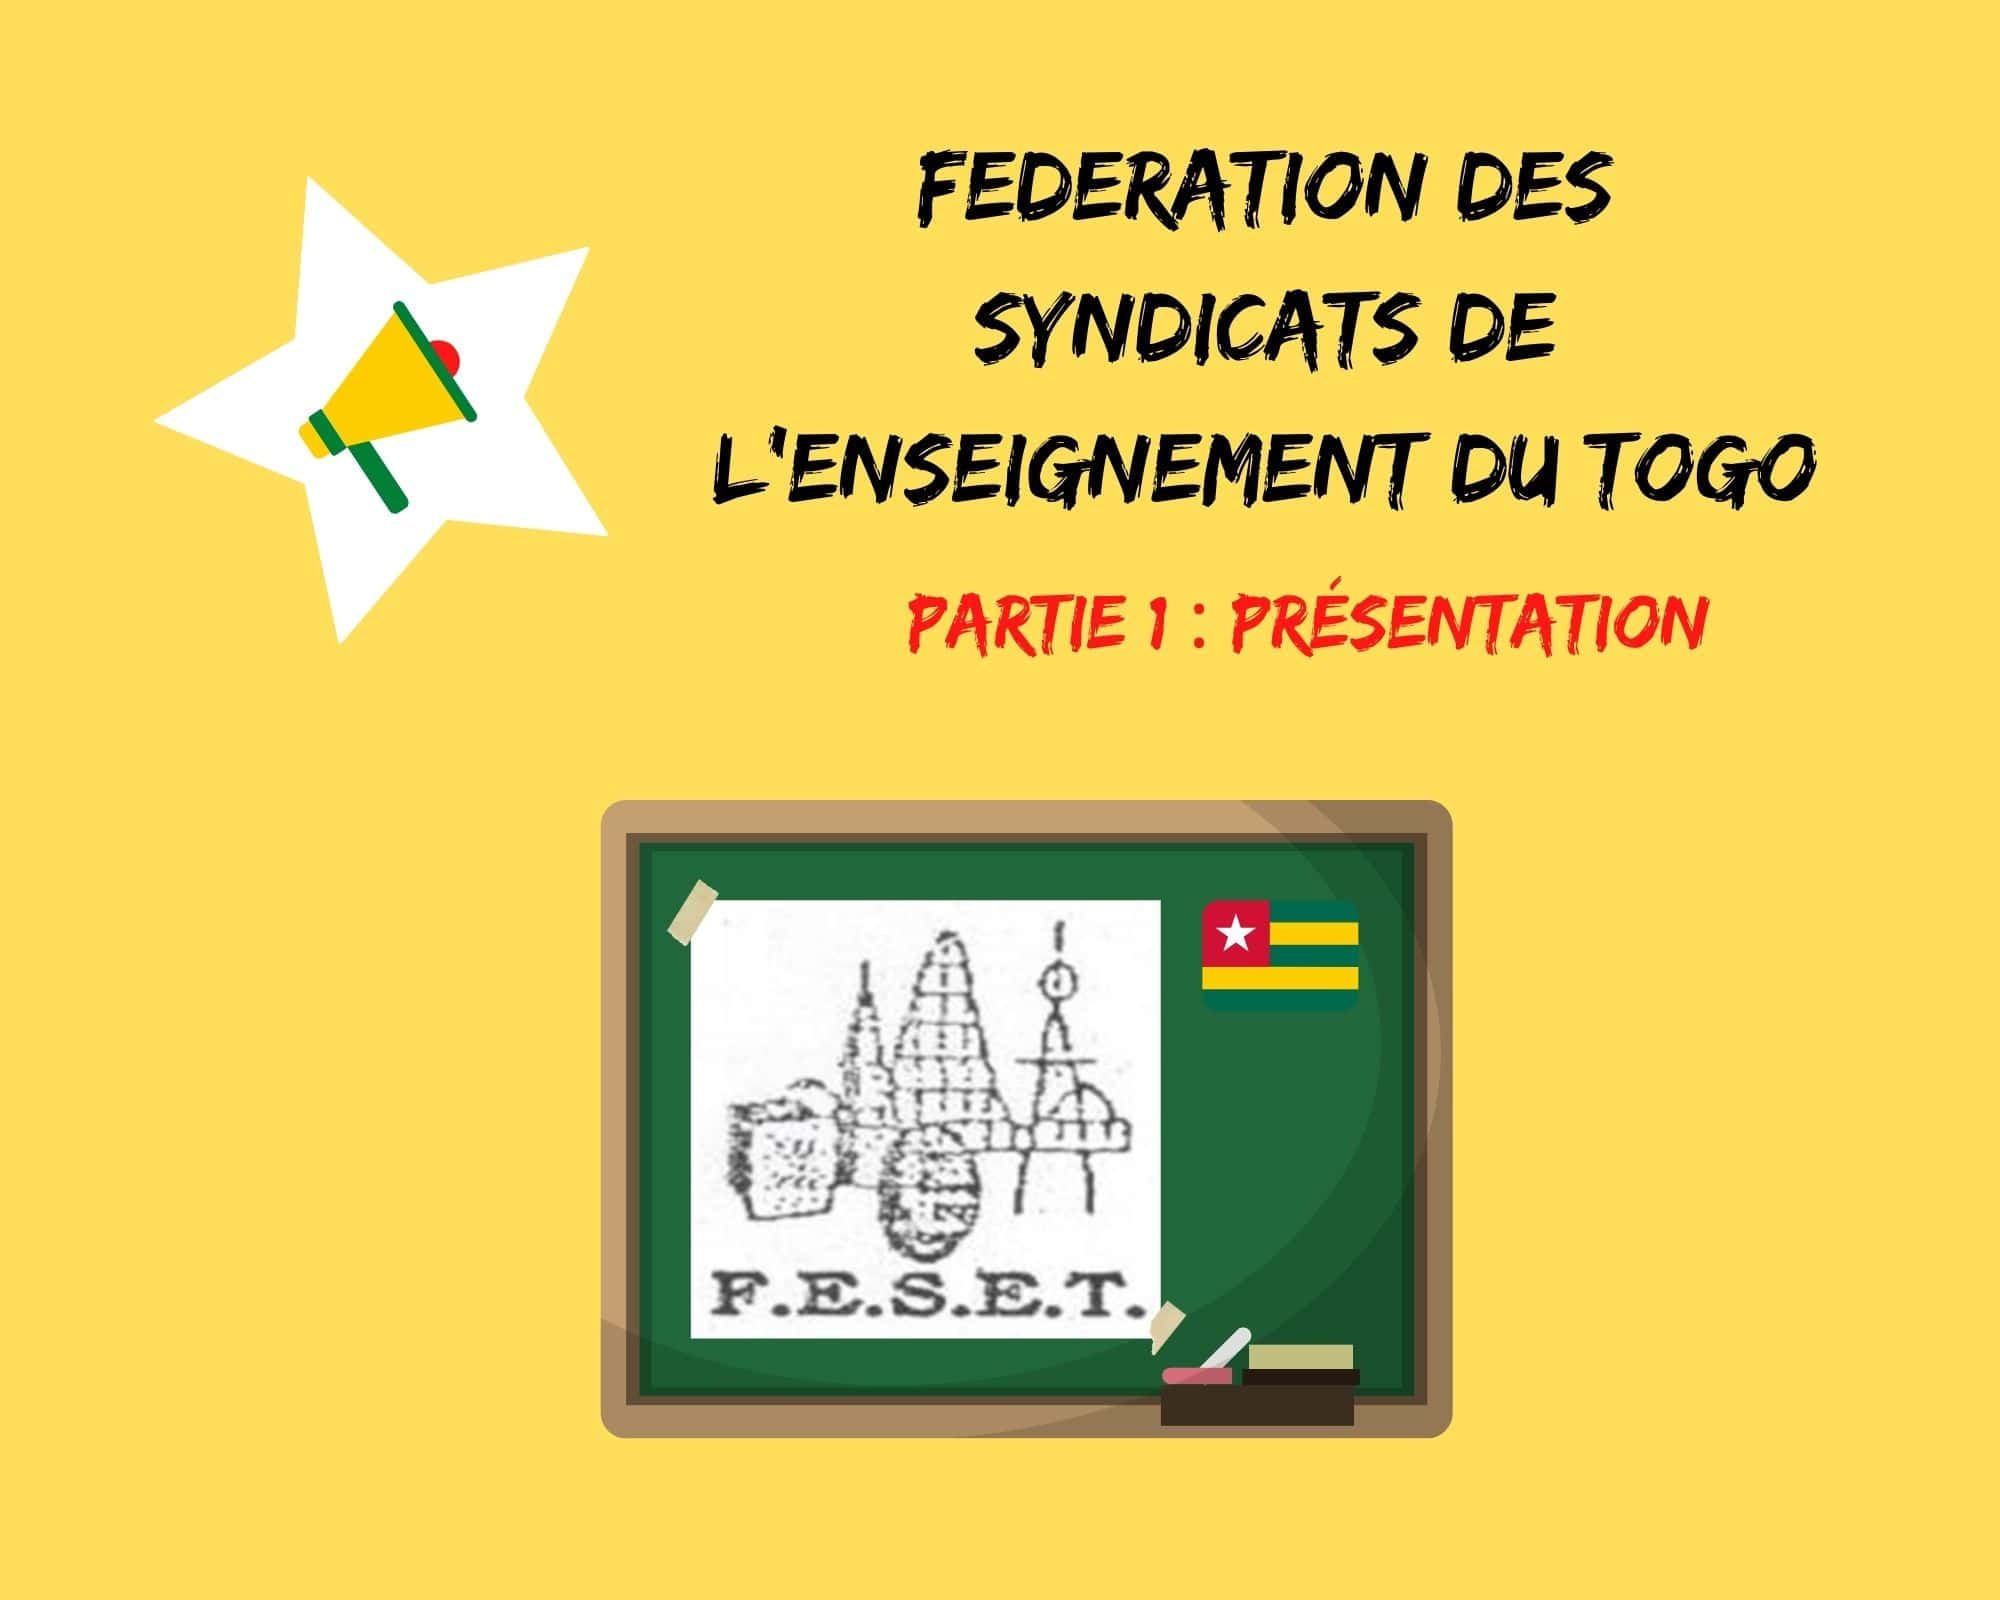 La parole aux syndicats : présentation de la Fédération des Syndicats de l'Enseignement du Togo